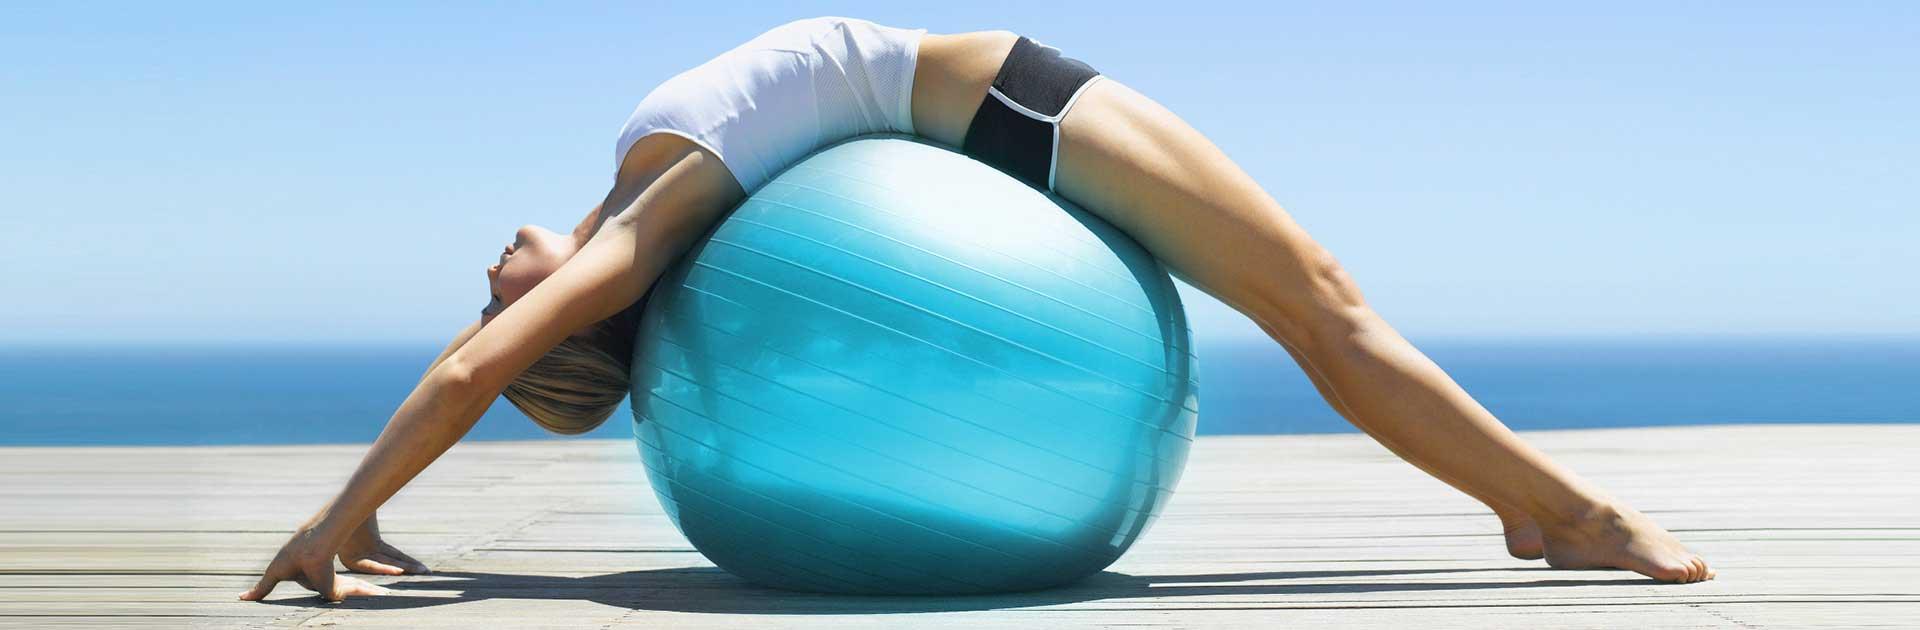 SM Care Clínica de Fisioterapia profissionais qualificados